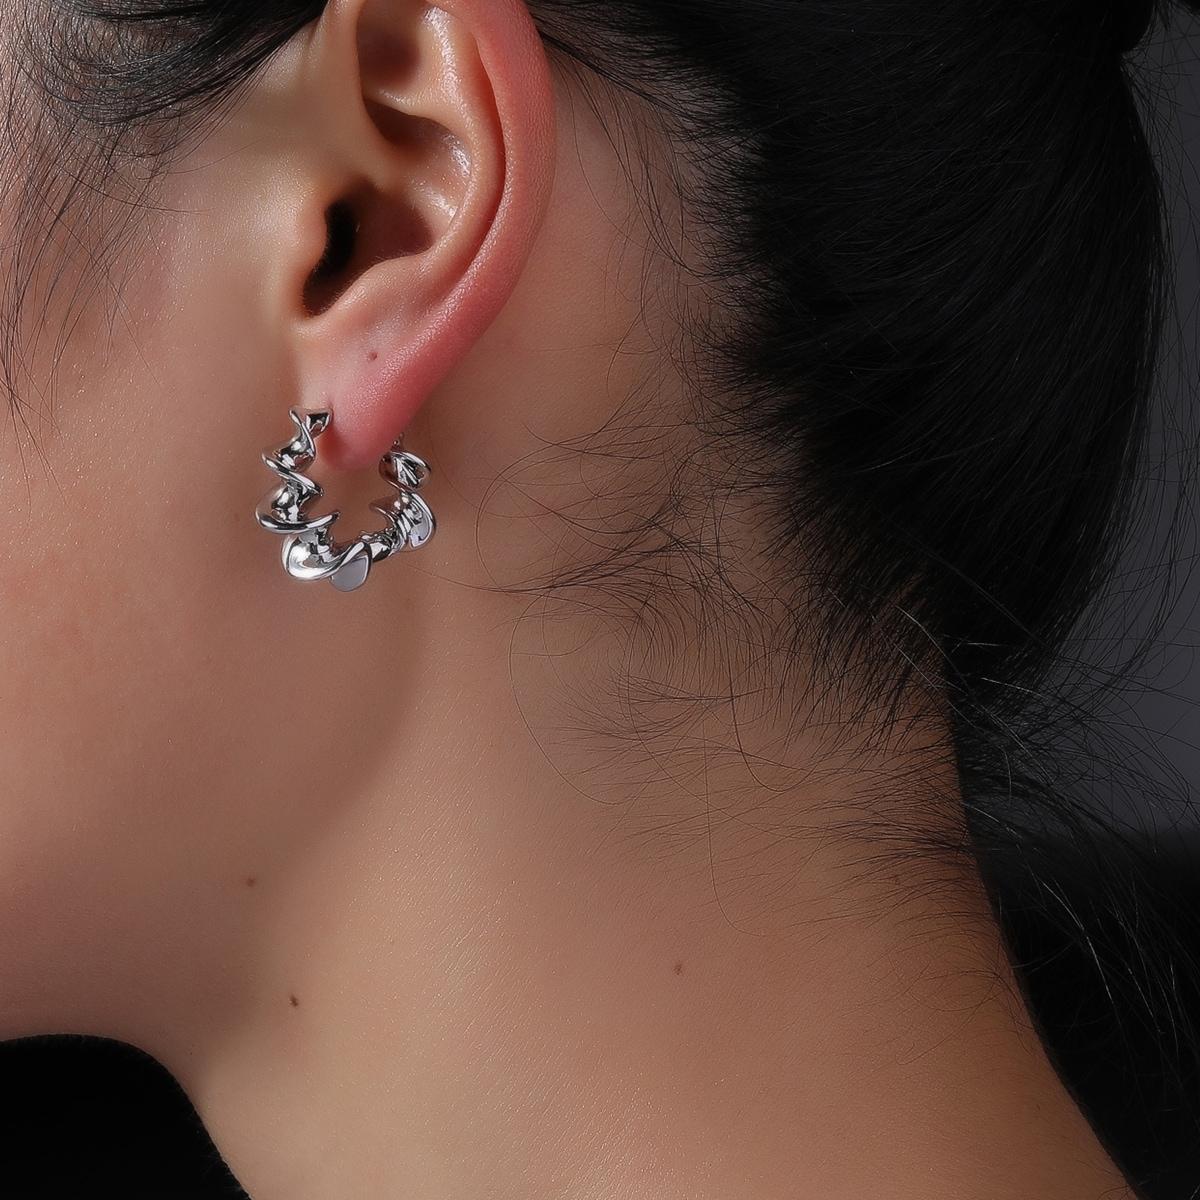 Boucles d'oreilles irrégulier